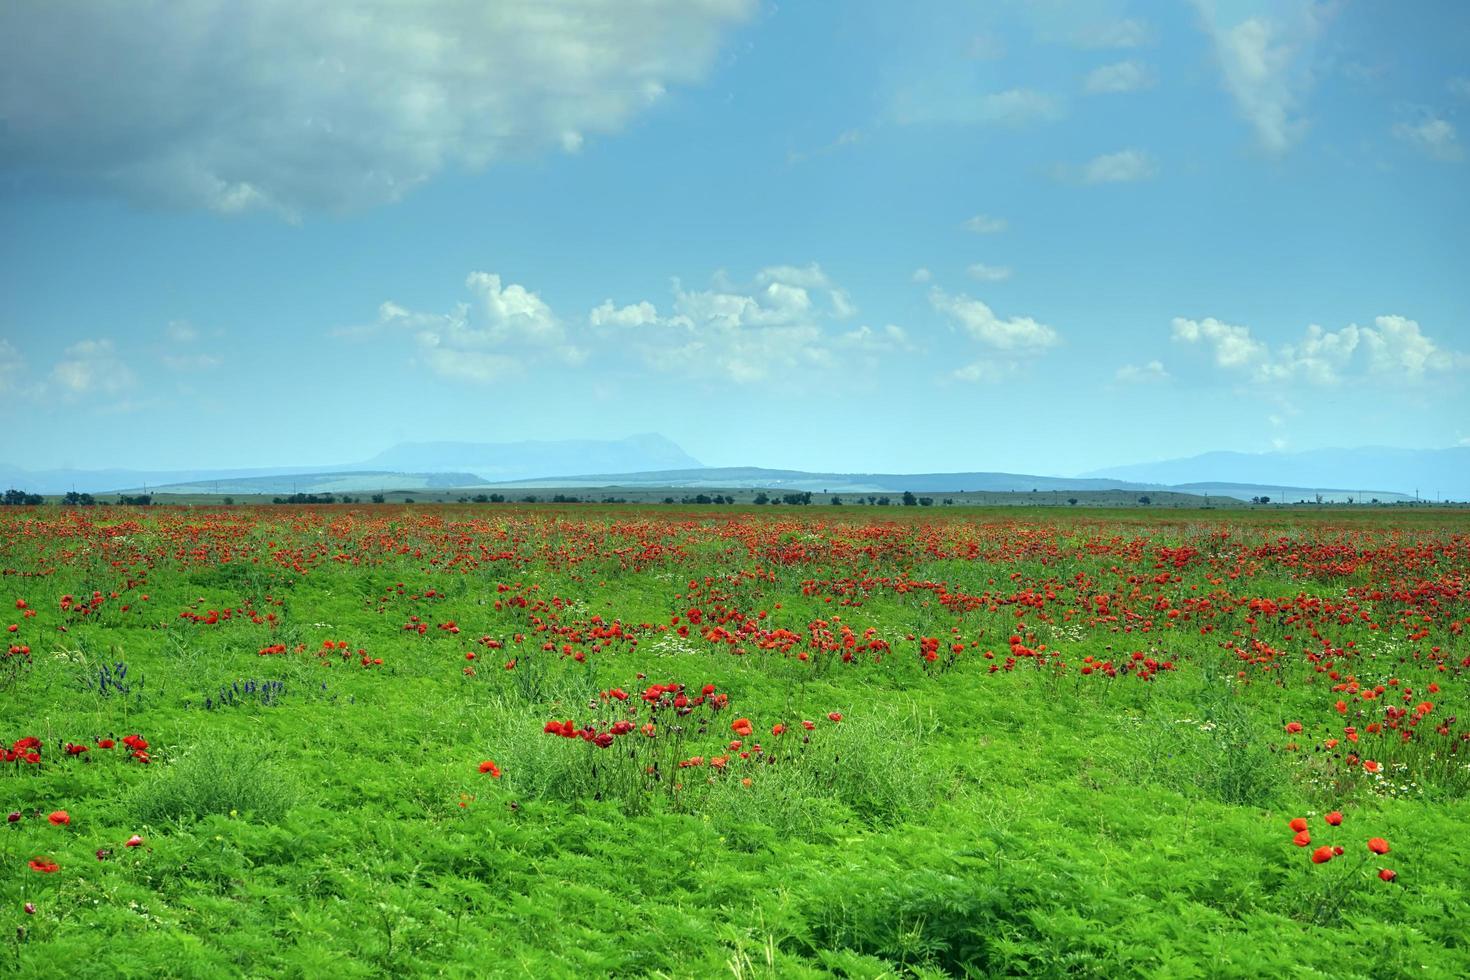 paesaggio naturale con campo di papaveri. foto